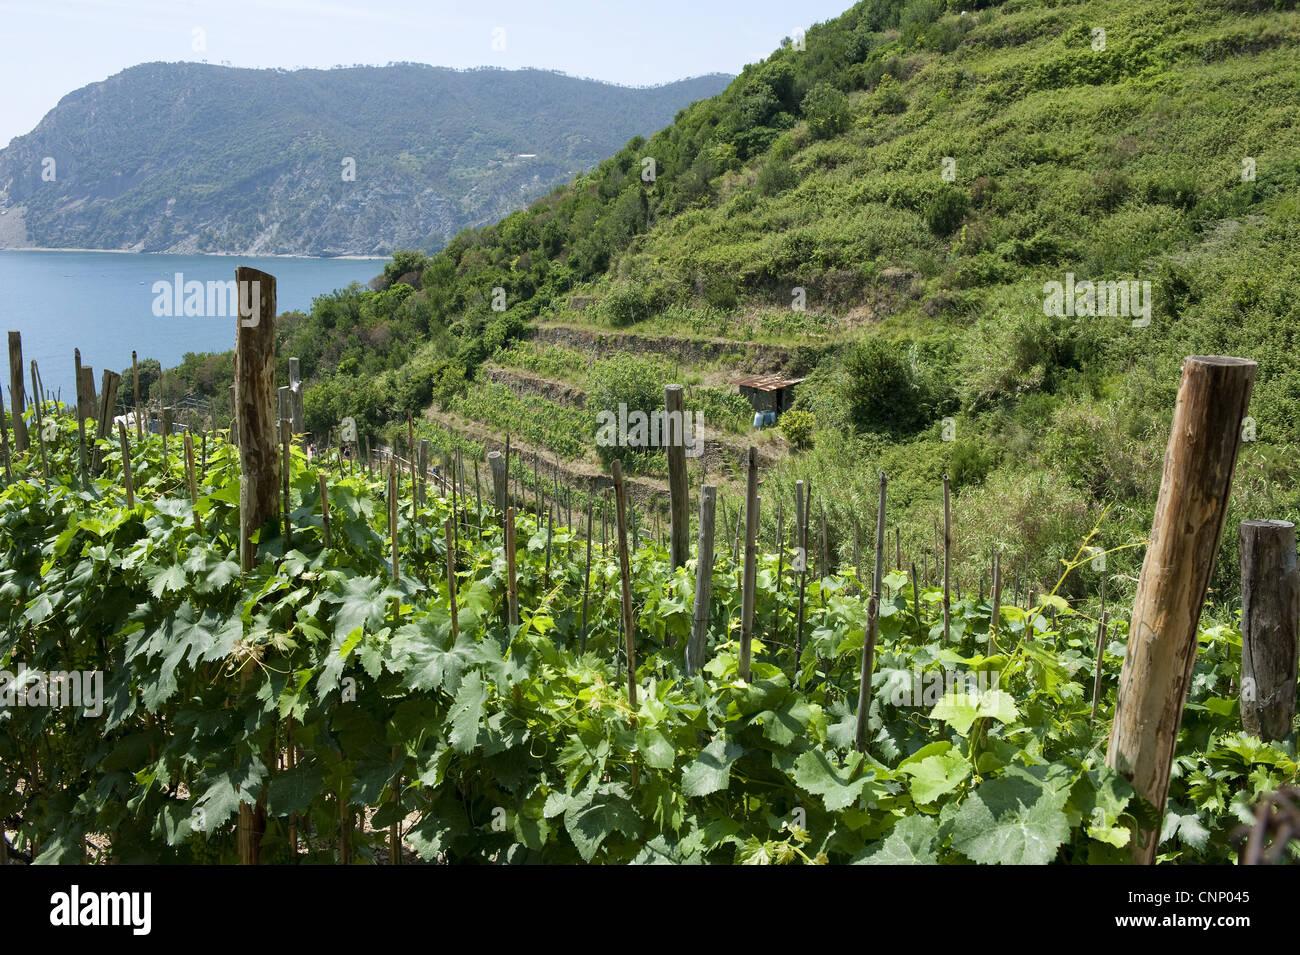 https://c8.alamy.com/compit/cnp045/vigneto-con-i-vitigni-che-crescono-su-terrazze-vicino-a-vernazza-la-spezia-le-cinque-terre-e-la-riviera-di-levante-della-liguria-italia-giugno-cnp045.jpg